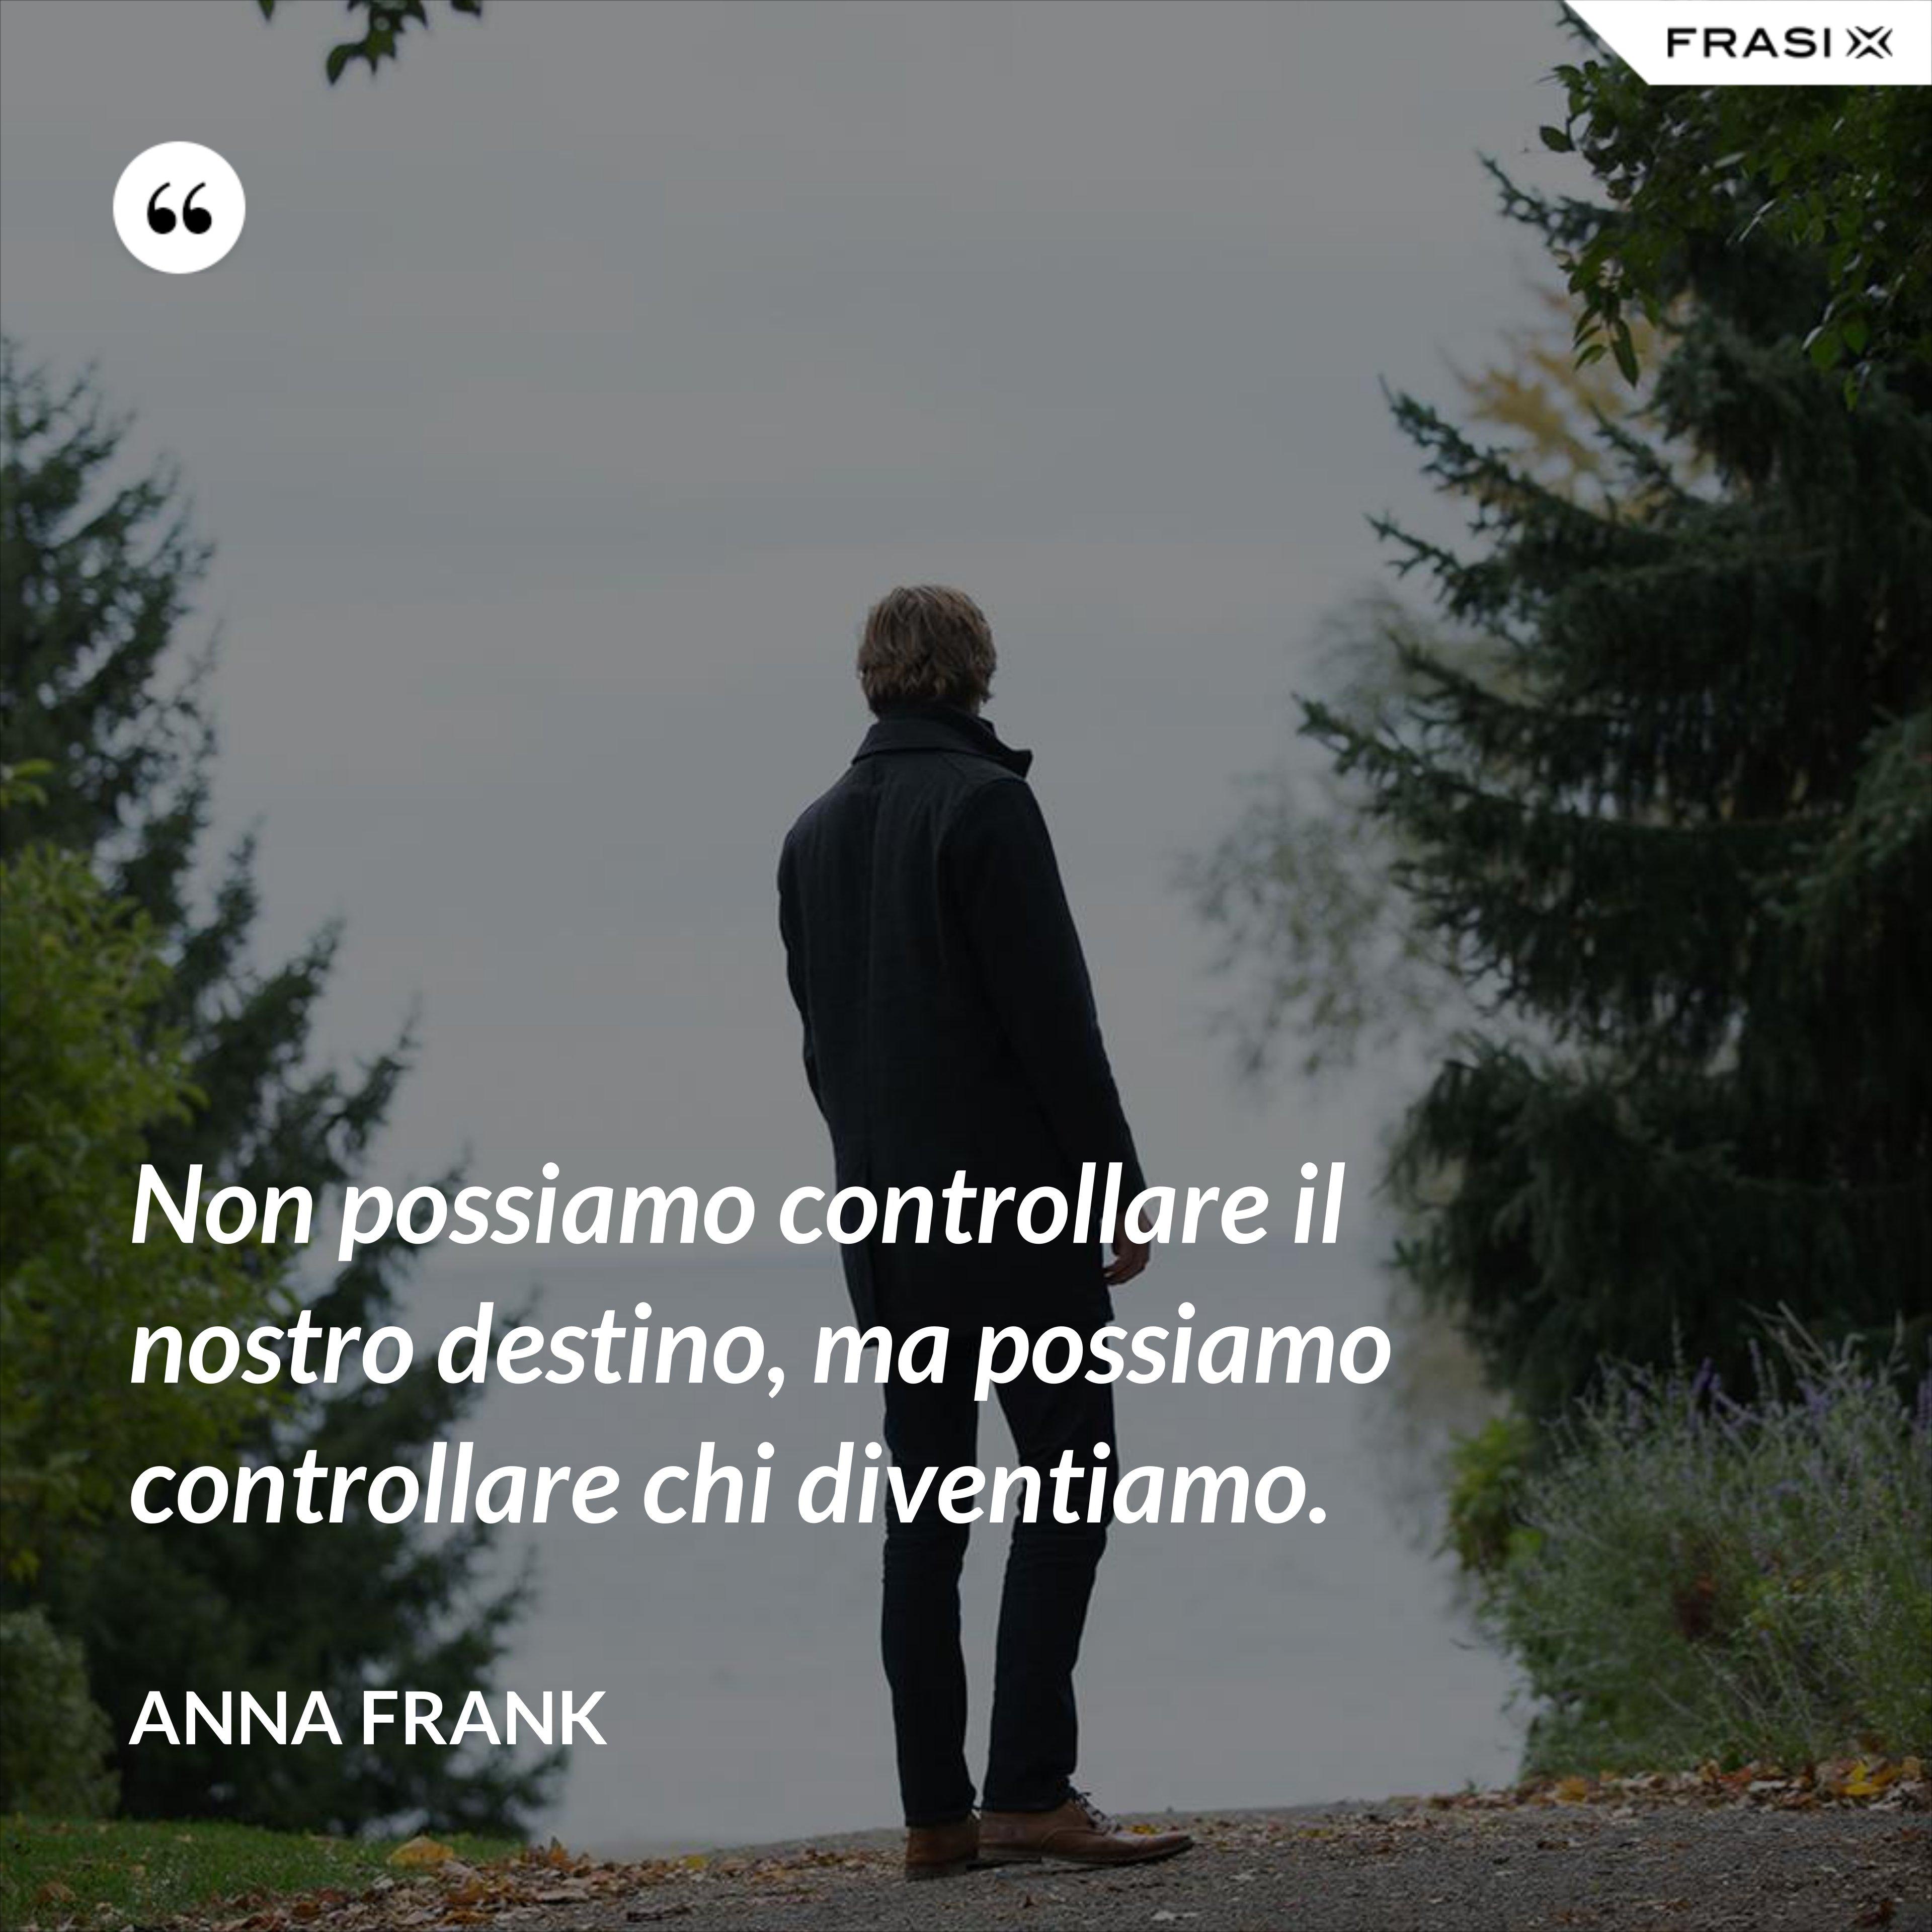 Non possiamo controllare il nostro destino, ma possiamo controllare chi diventiamo. - Anna Frank